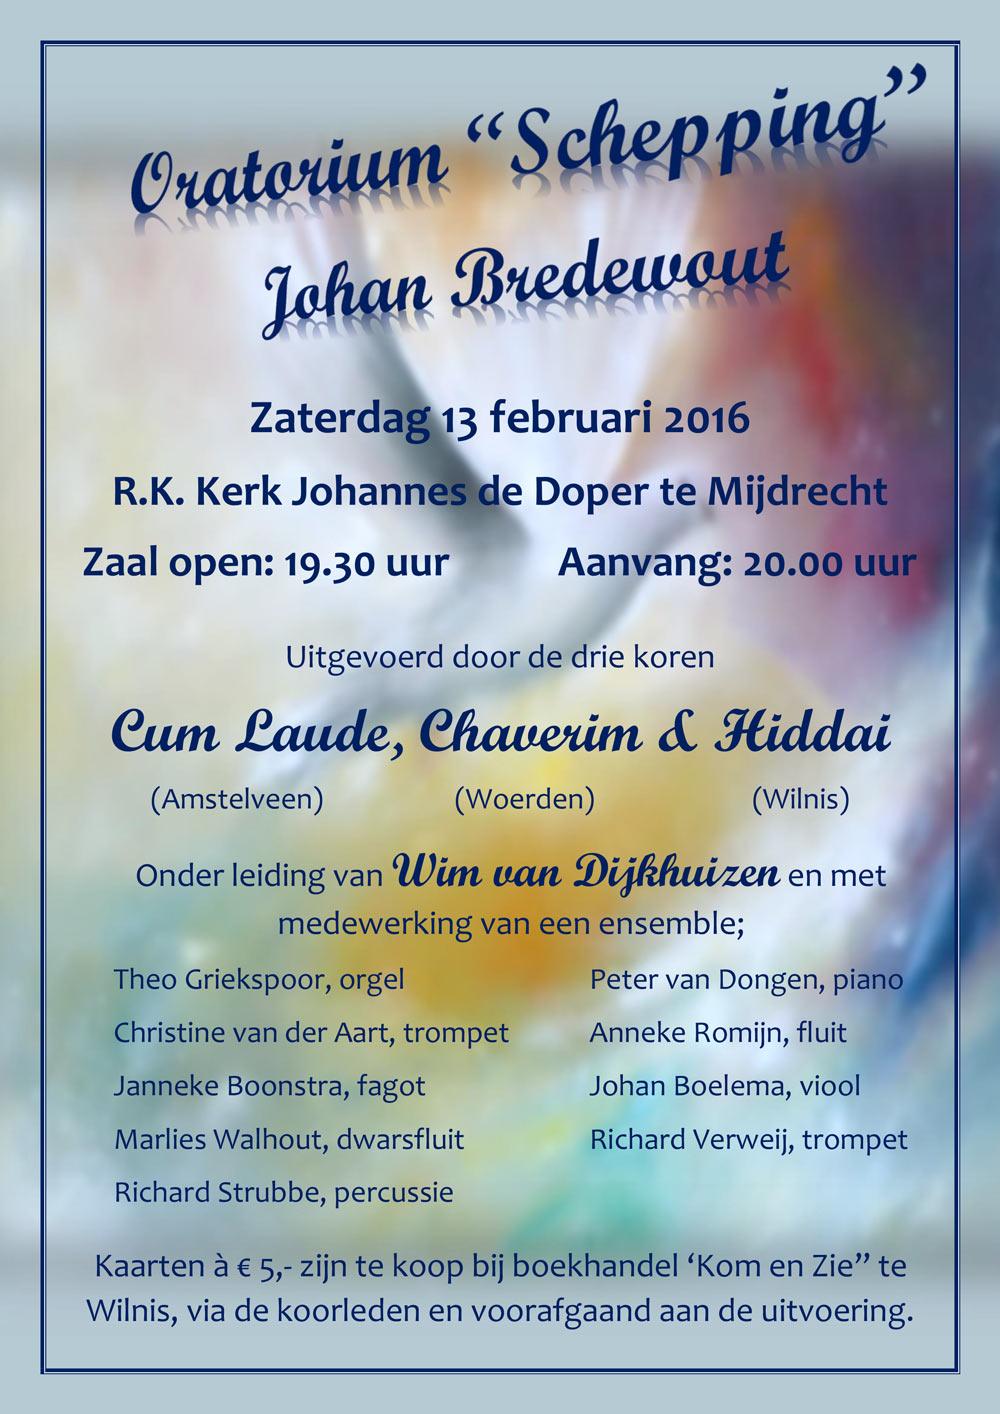 aankondiging-13-2-2016-oratorium